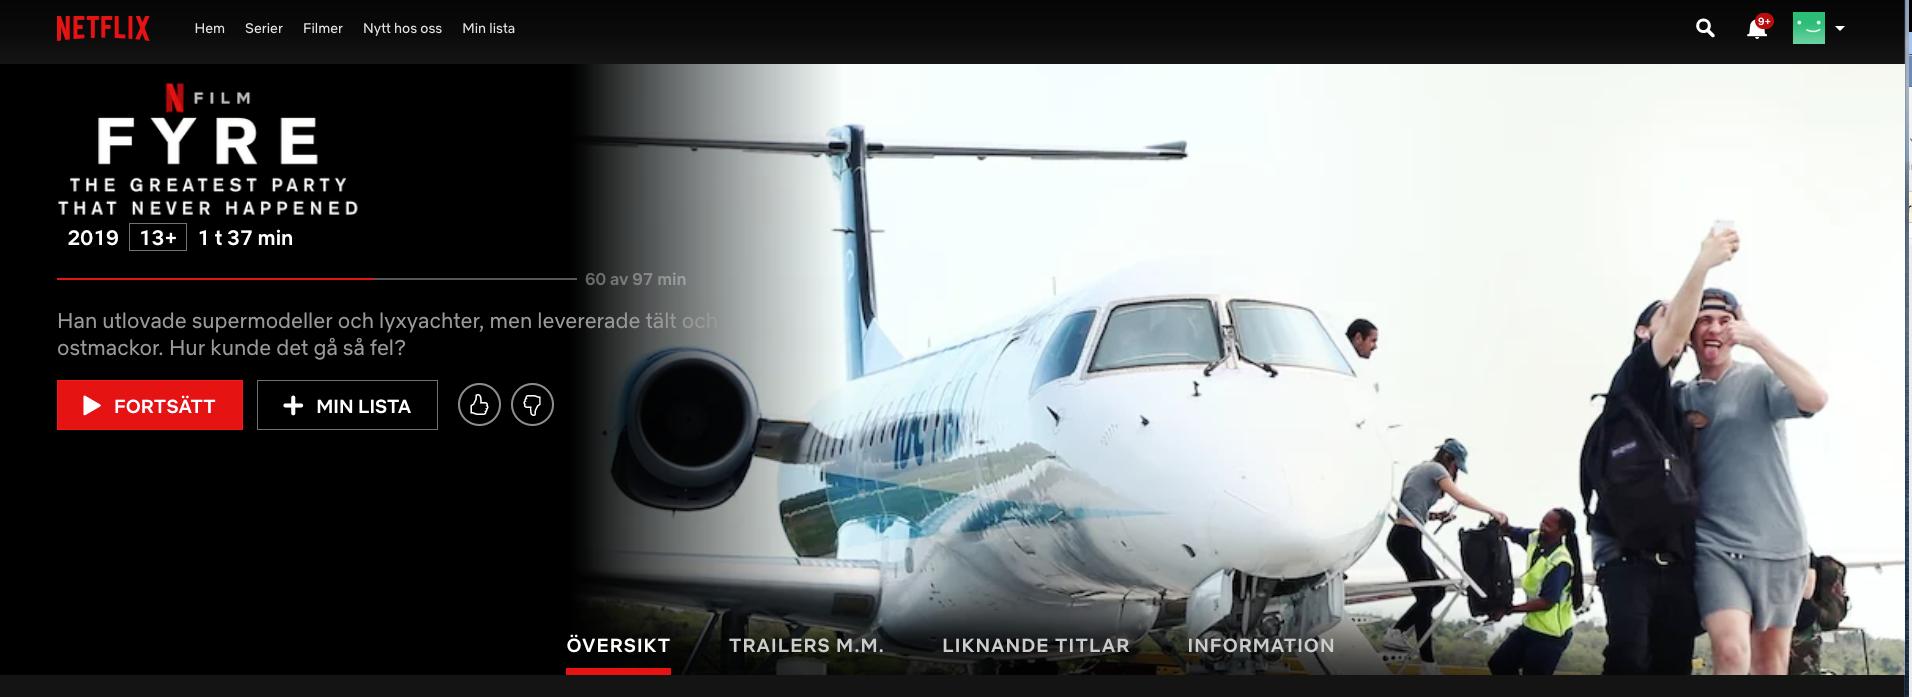 Två killar tar en selfie framför ett jetflygplan